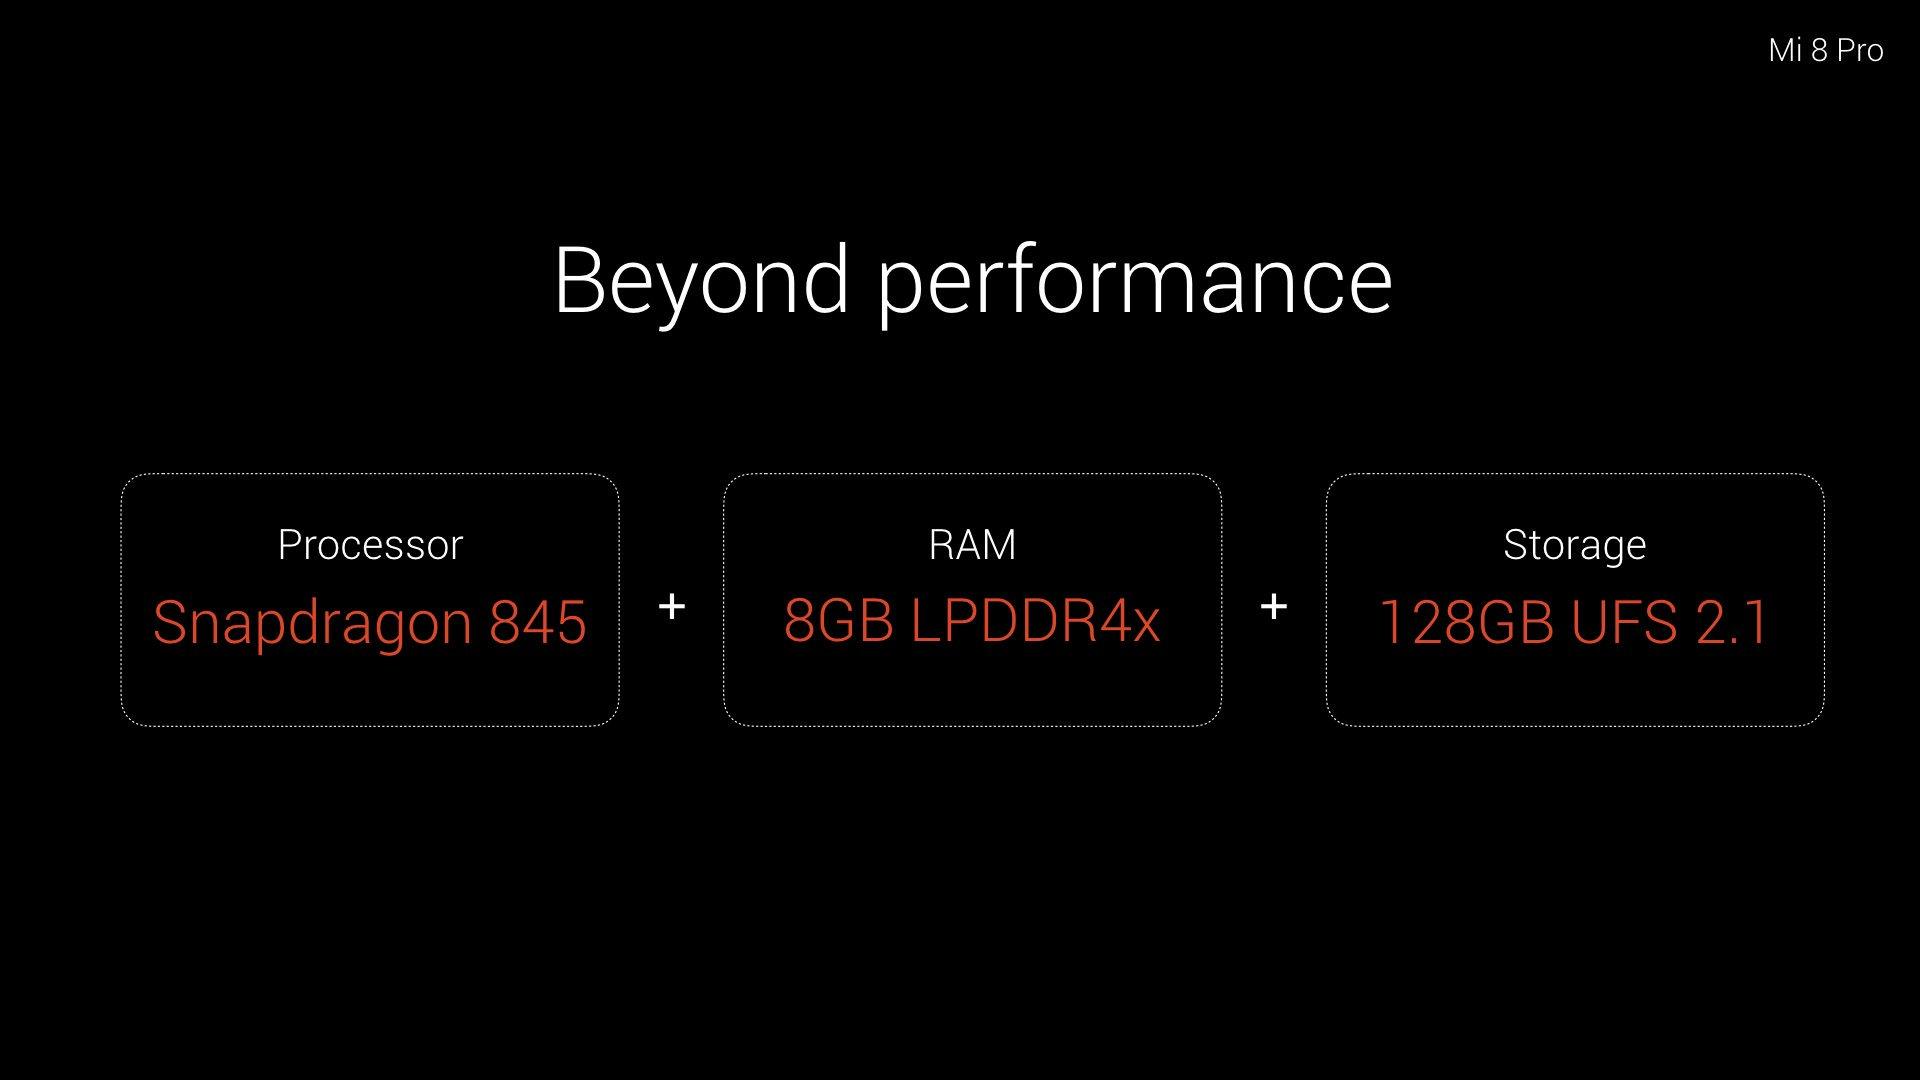 مواصفات هاتف Xiaomi Mi 8 Pro مع المميزات والعيوب والسعر 2